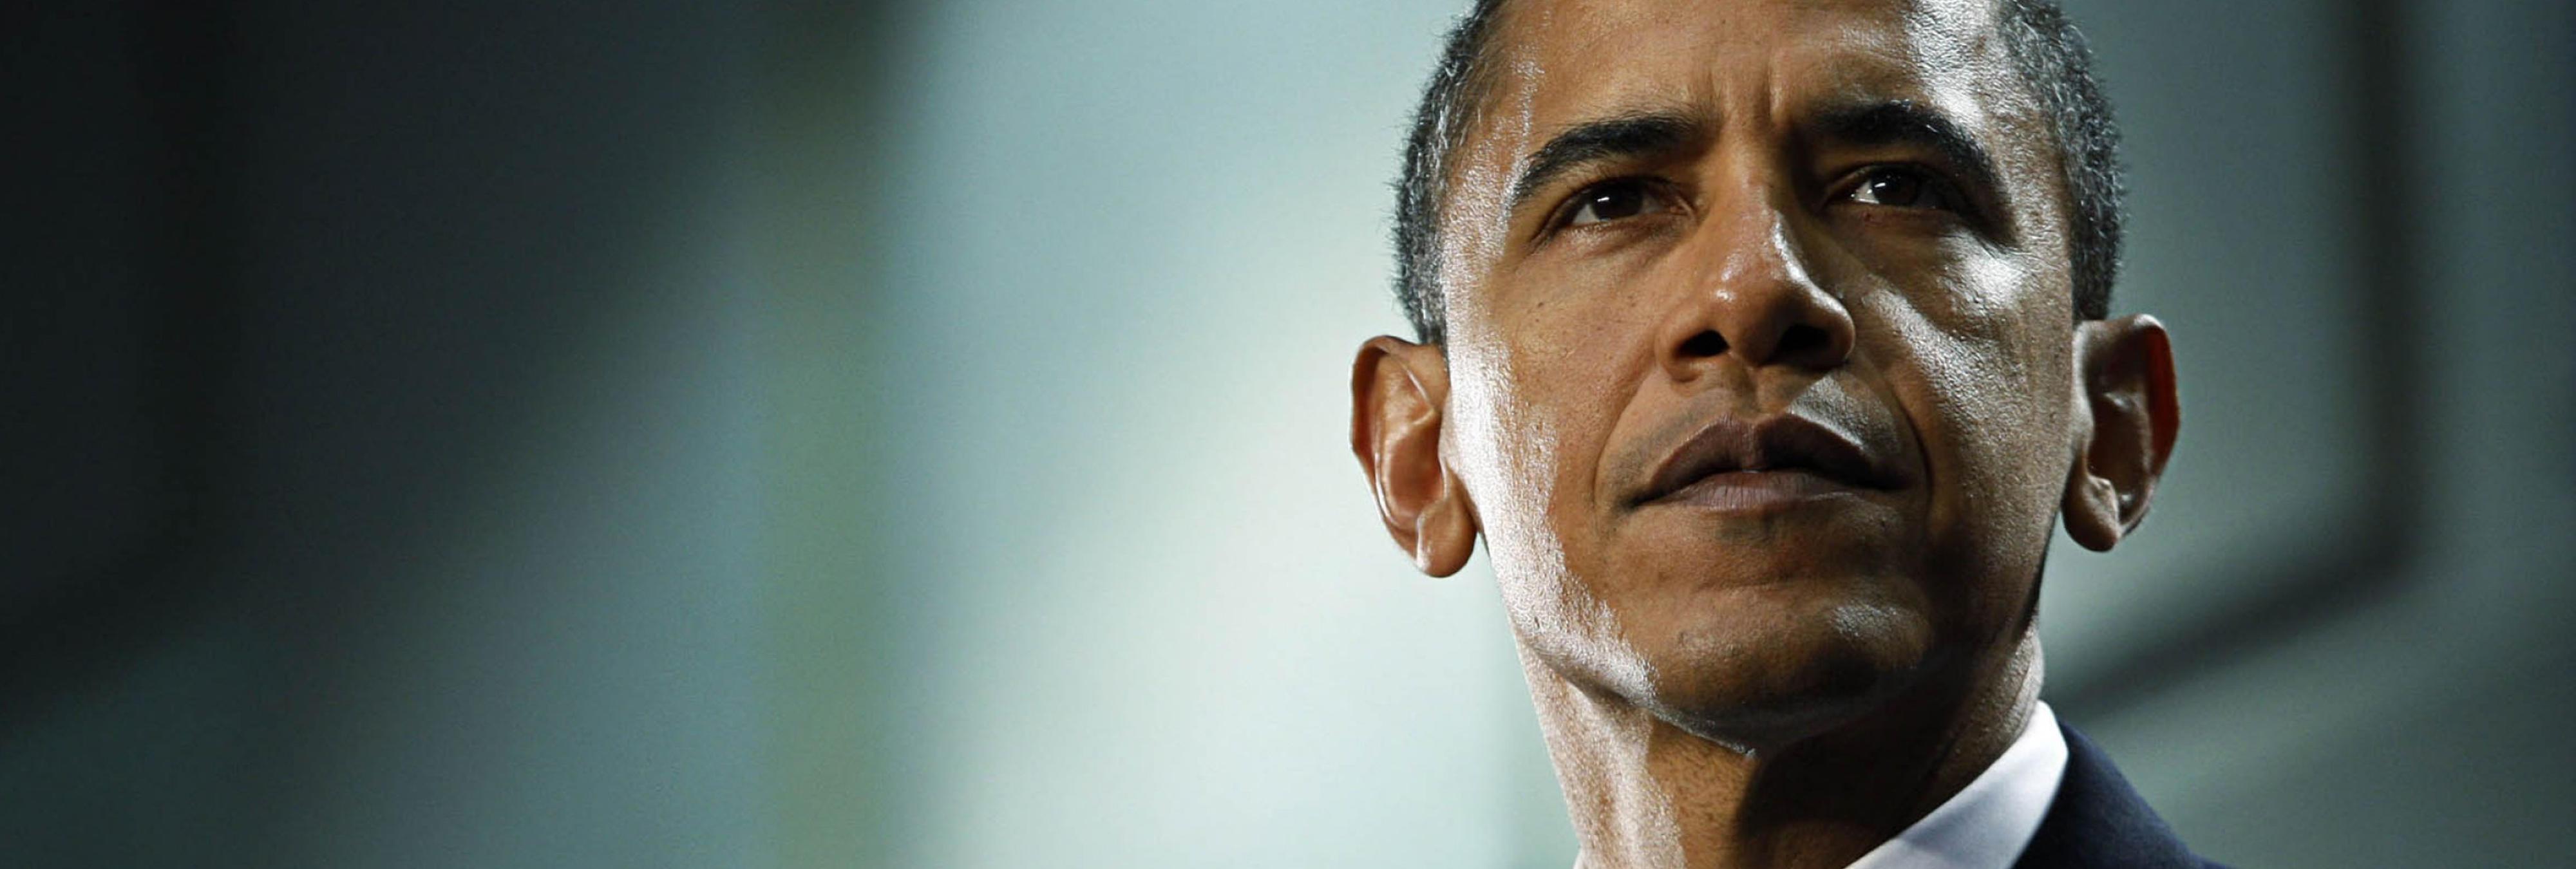 Barack Obama recomienda a los americanos que estén unidos y que sigan hacia delante